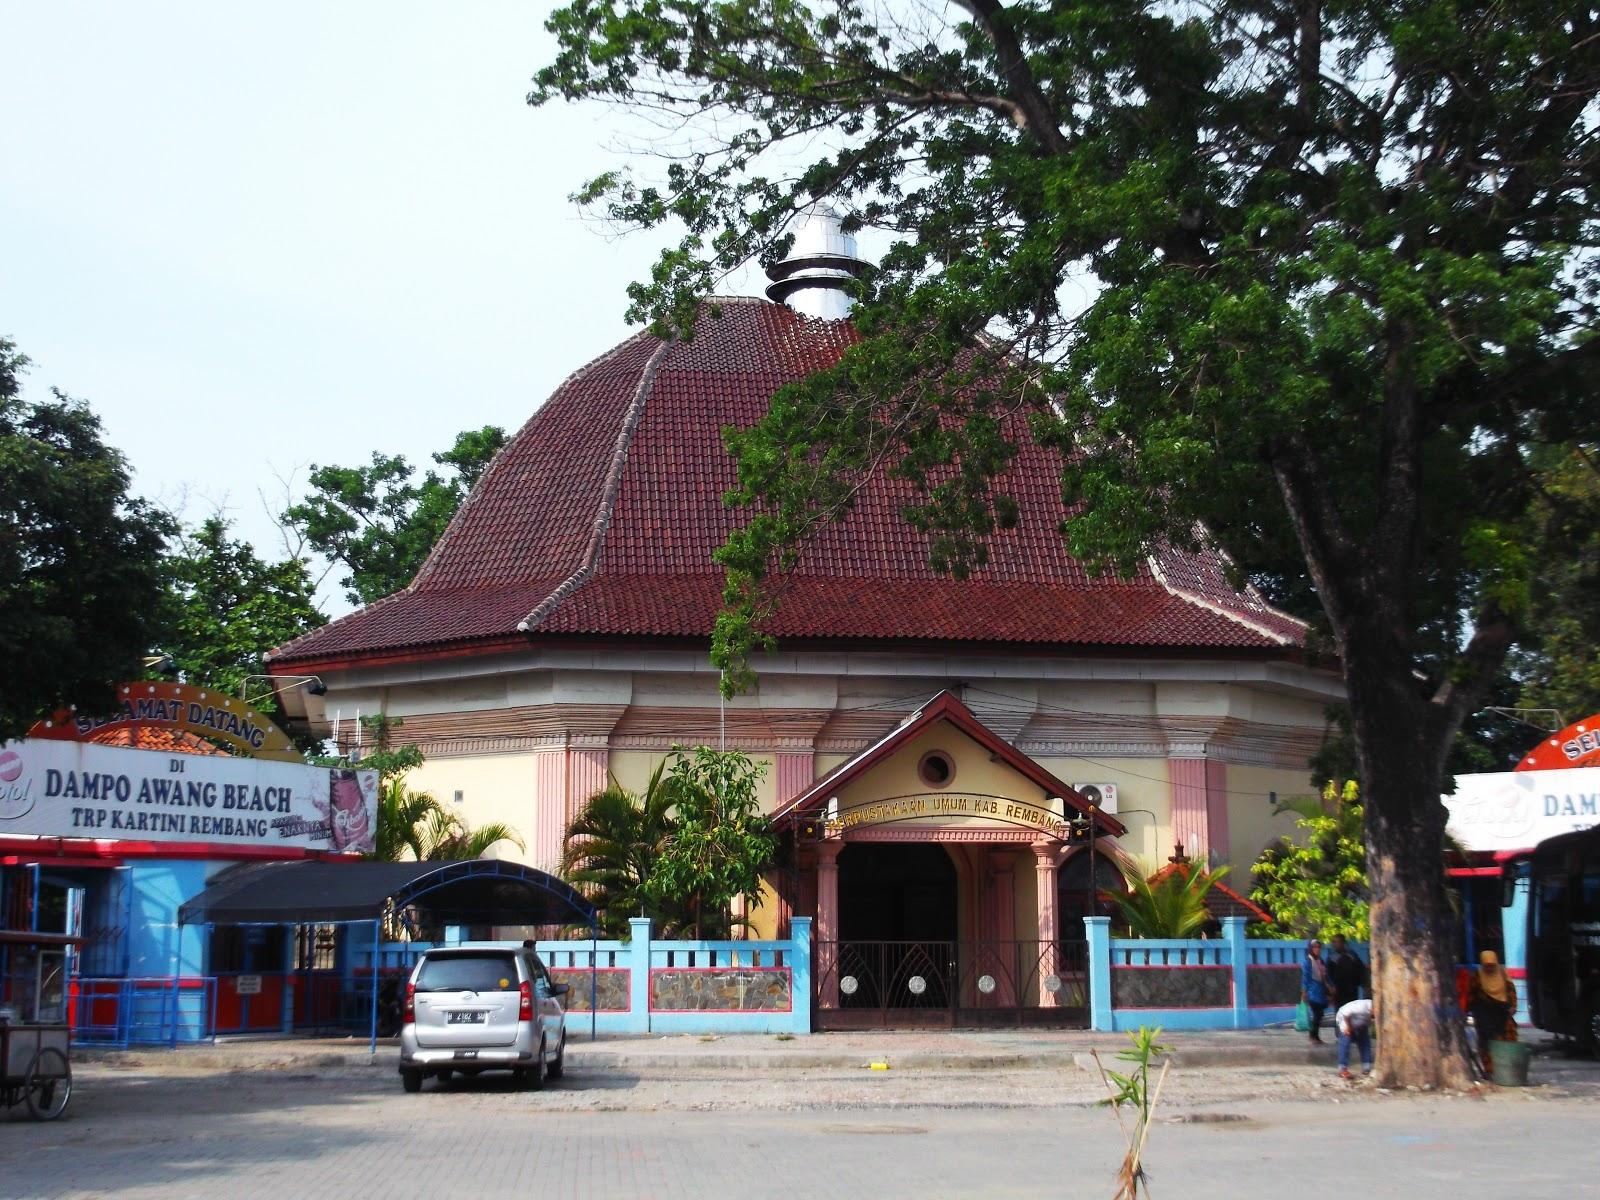 Gedung Perpustakaan Umum Kabupaten Rembang Kekunaan Berdasarkan Peraturan Daerah Nomor